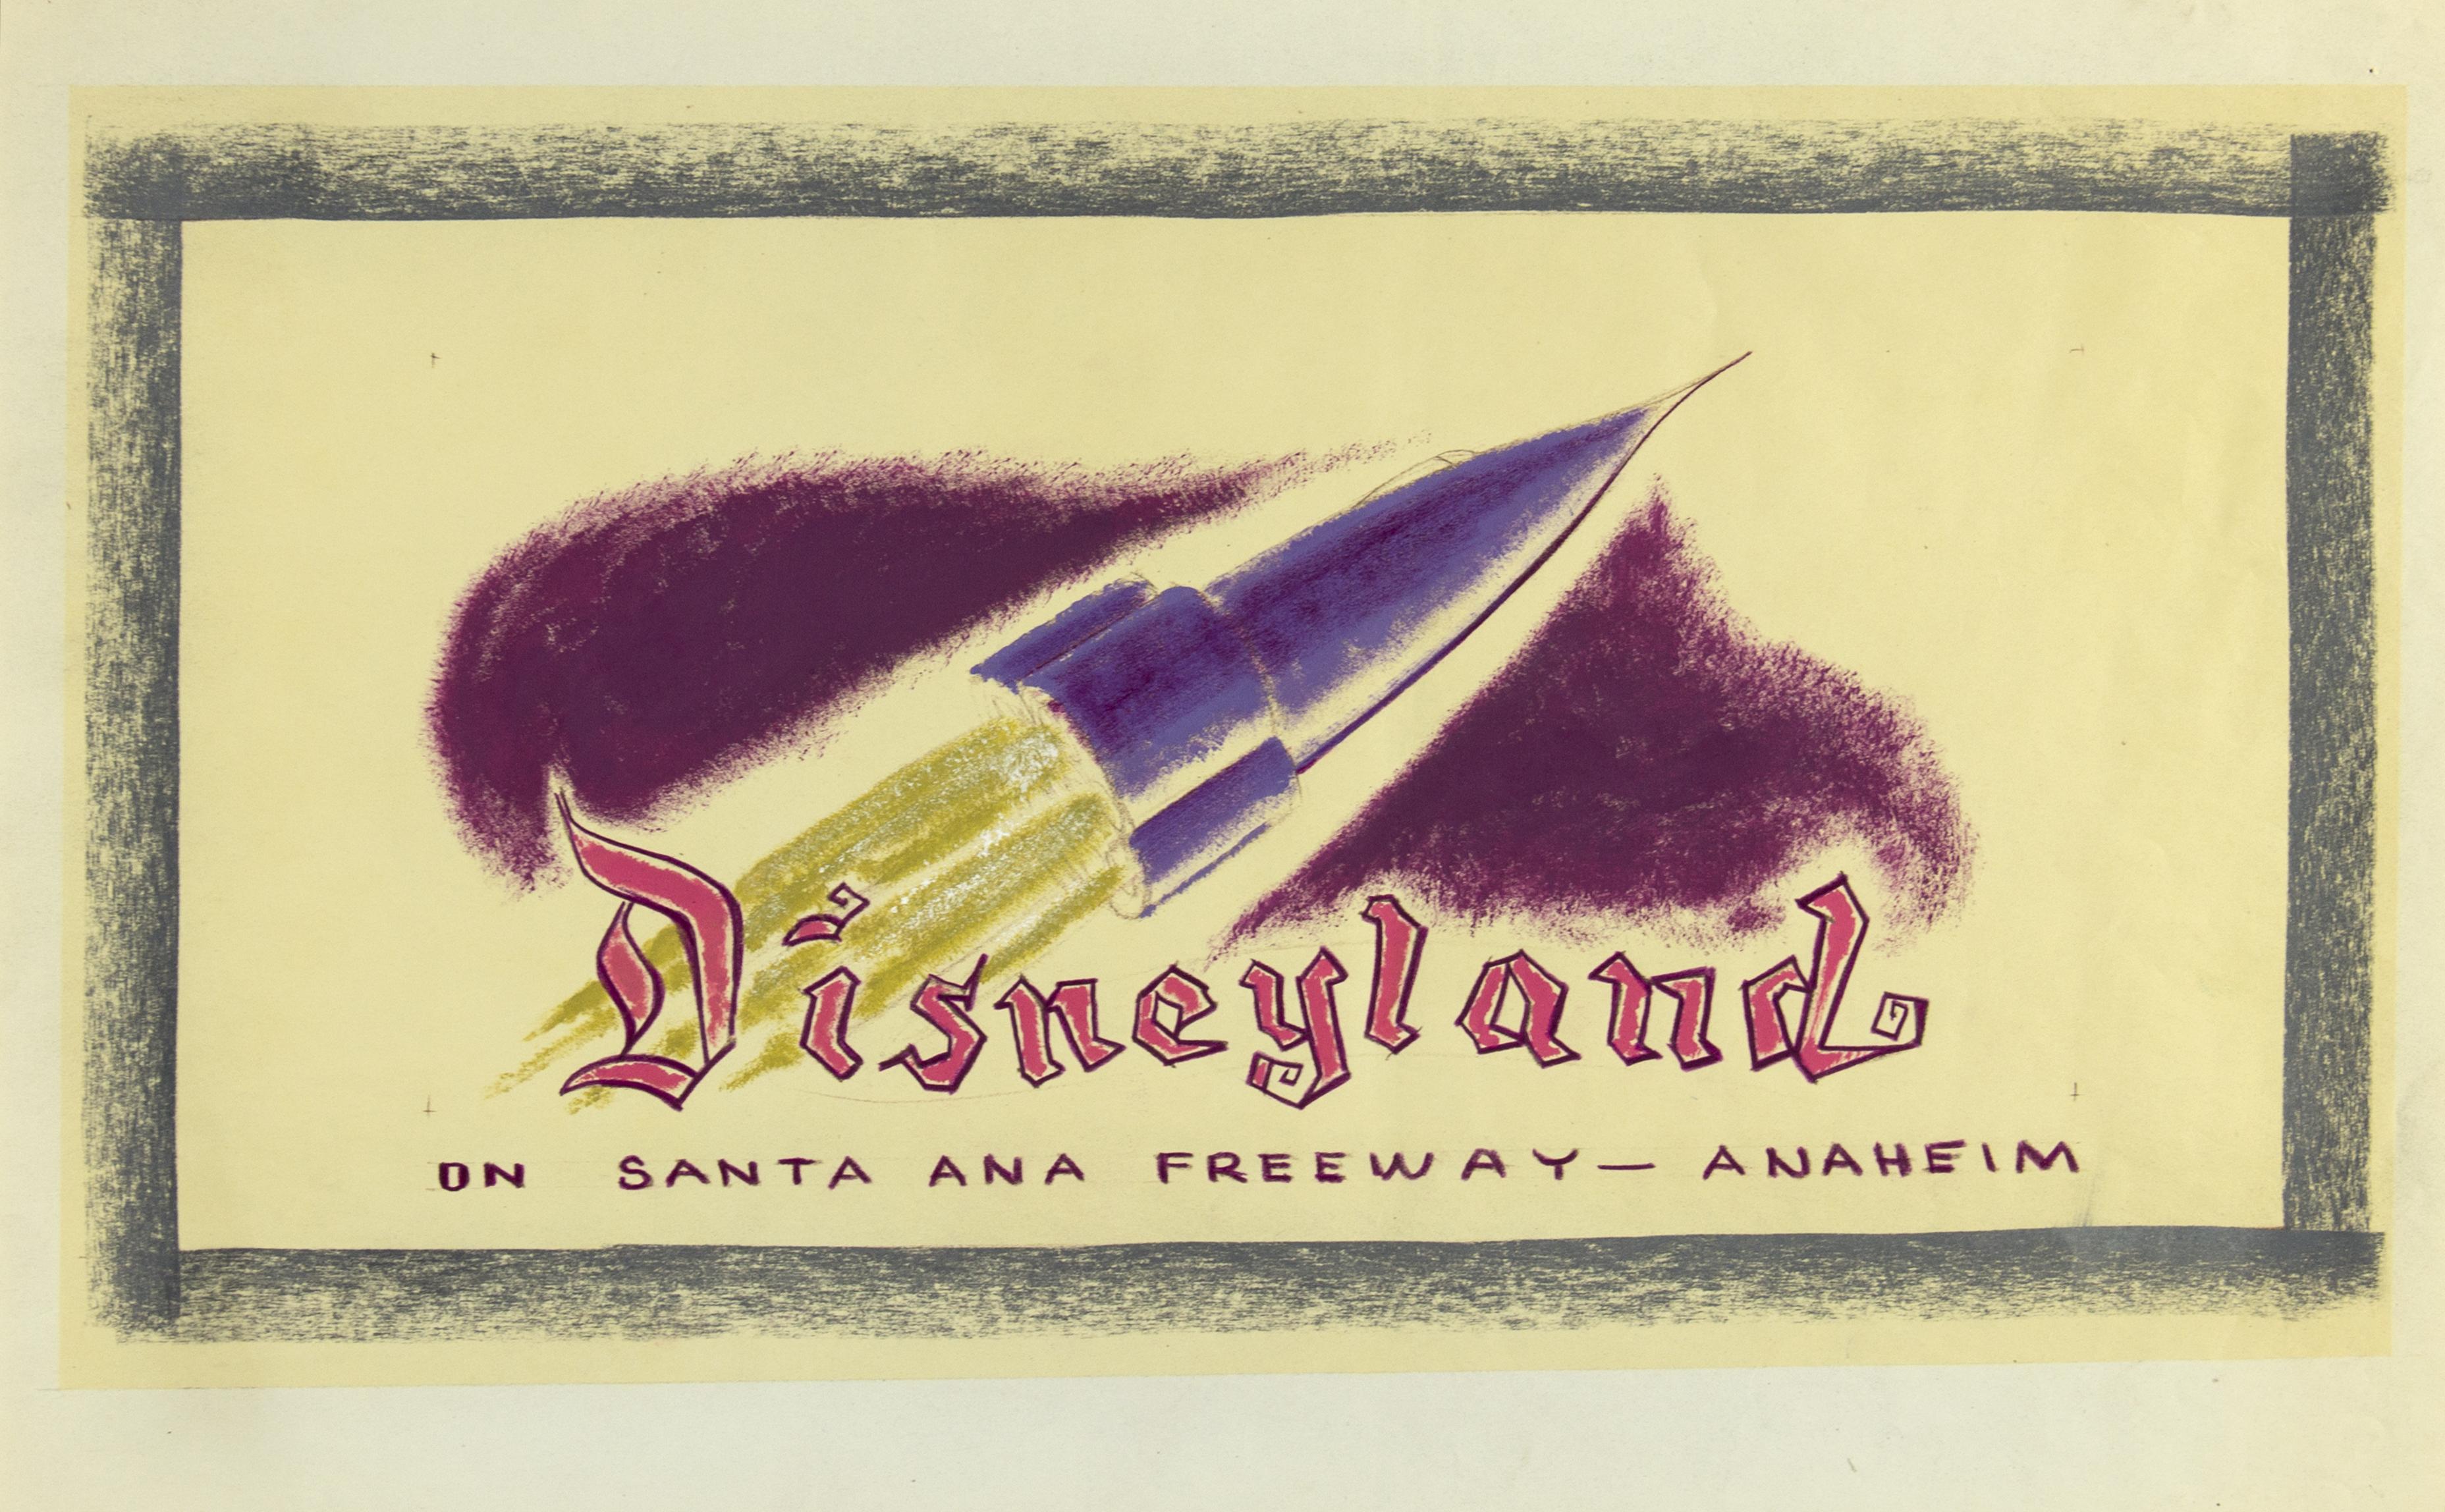 Hand-colored Disneyland billboard concept brownline, c. 1955.